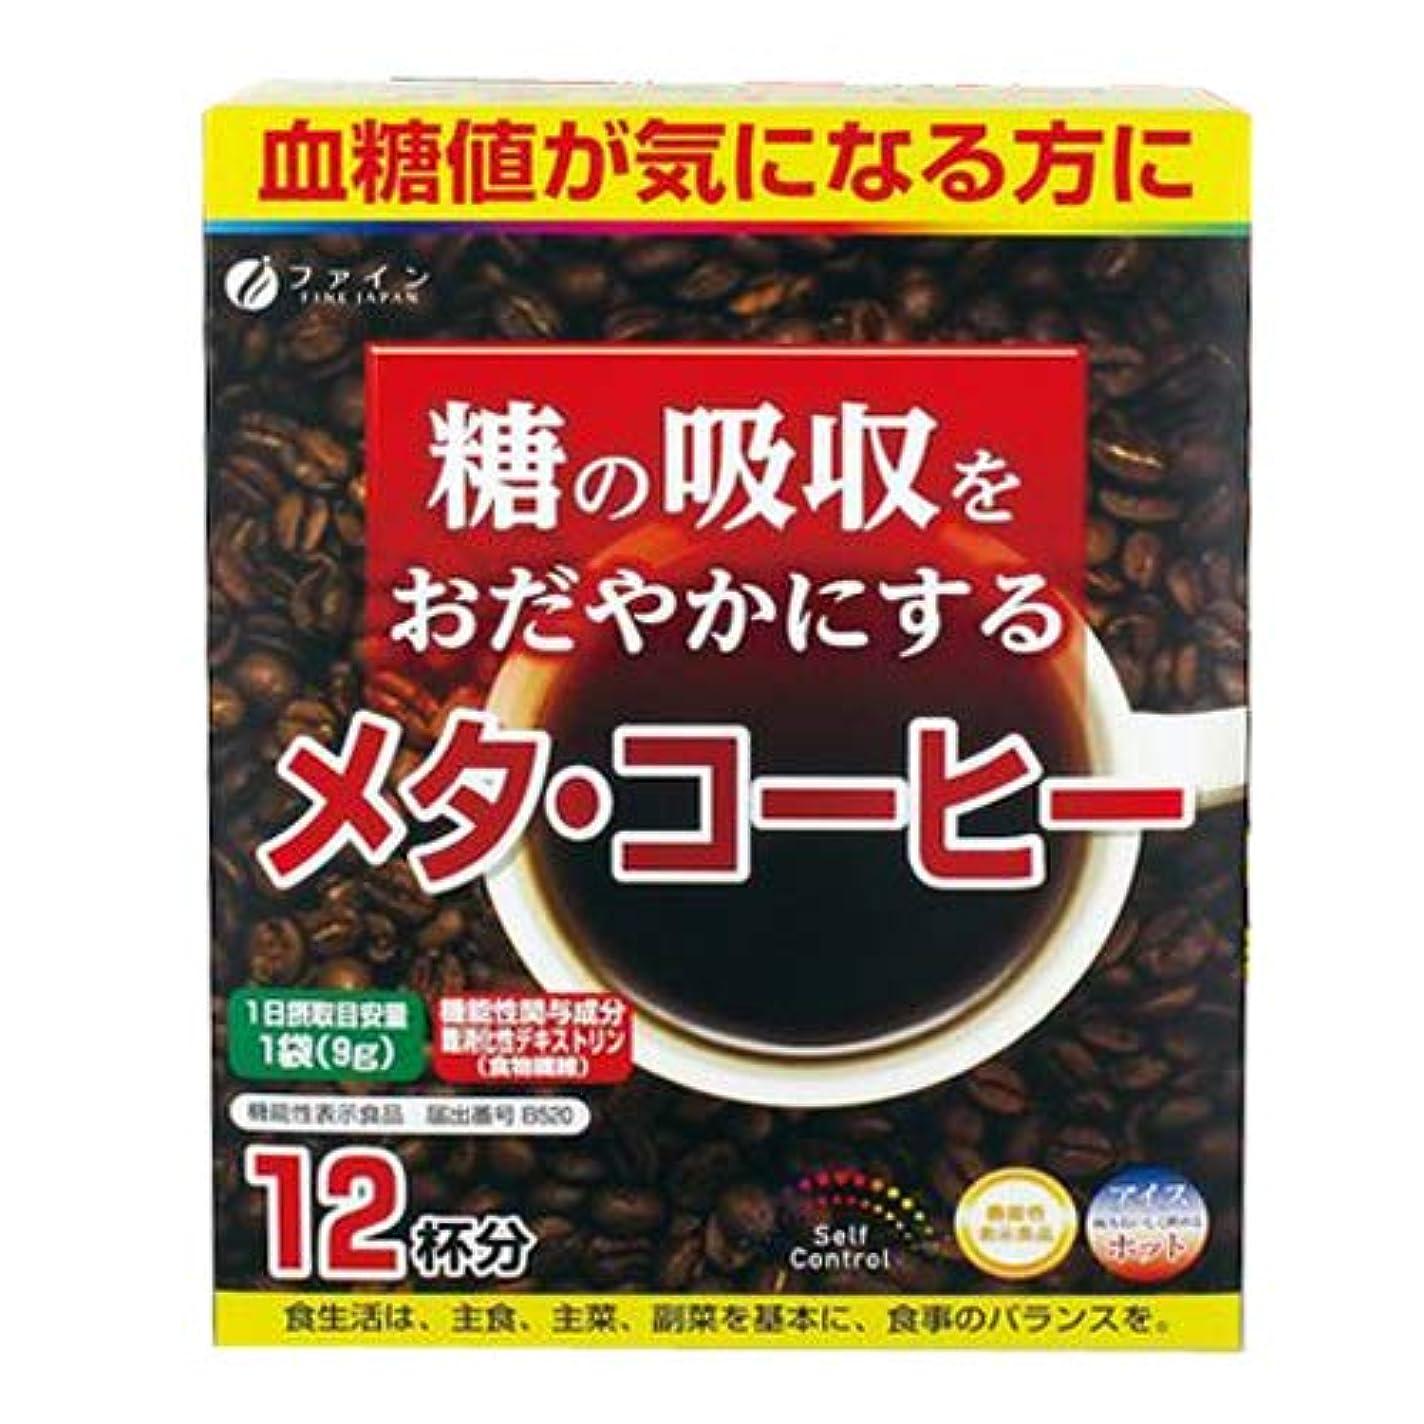 エラー容量本機能性表示食品 糖の吸収をおだやかにする メタ?コーヒー 【30箱組】